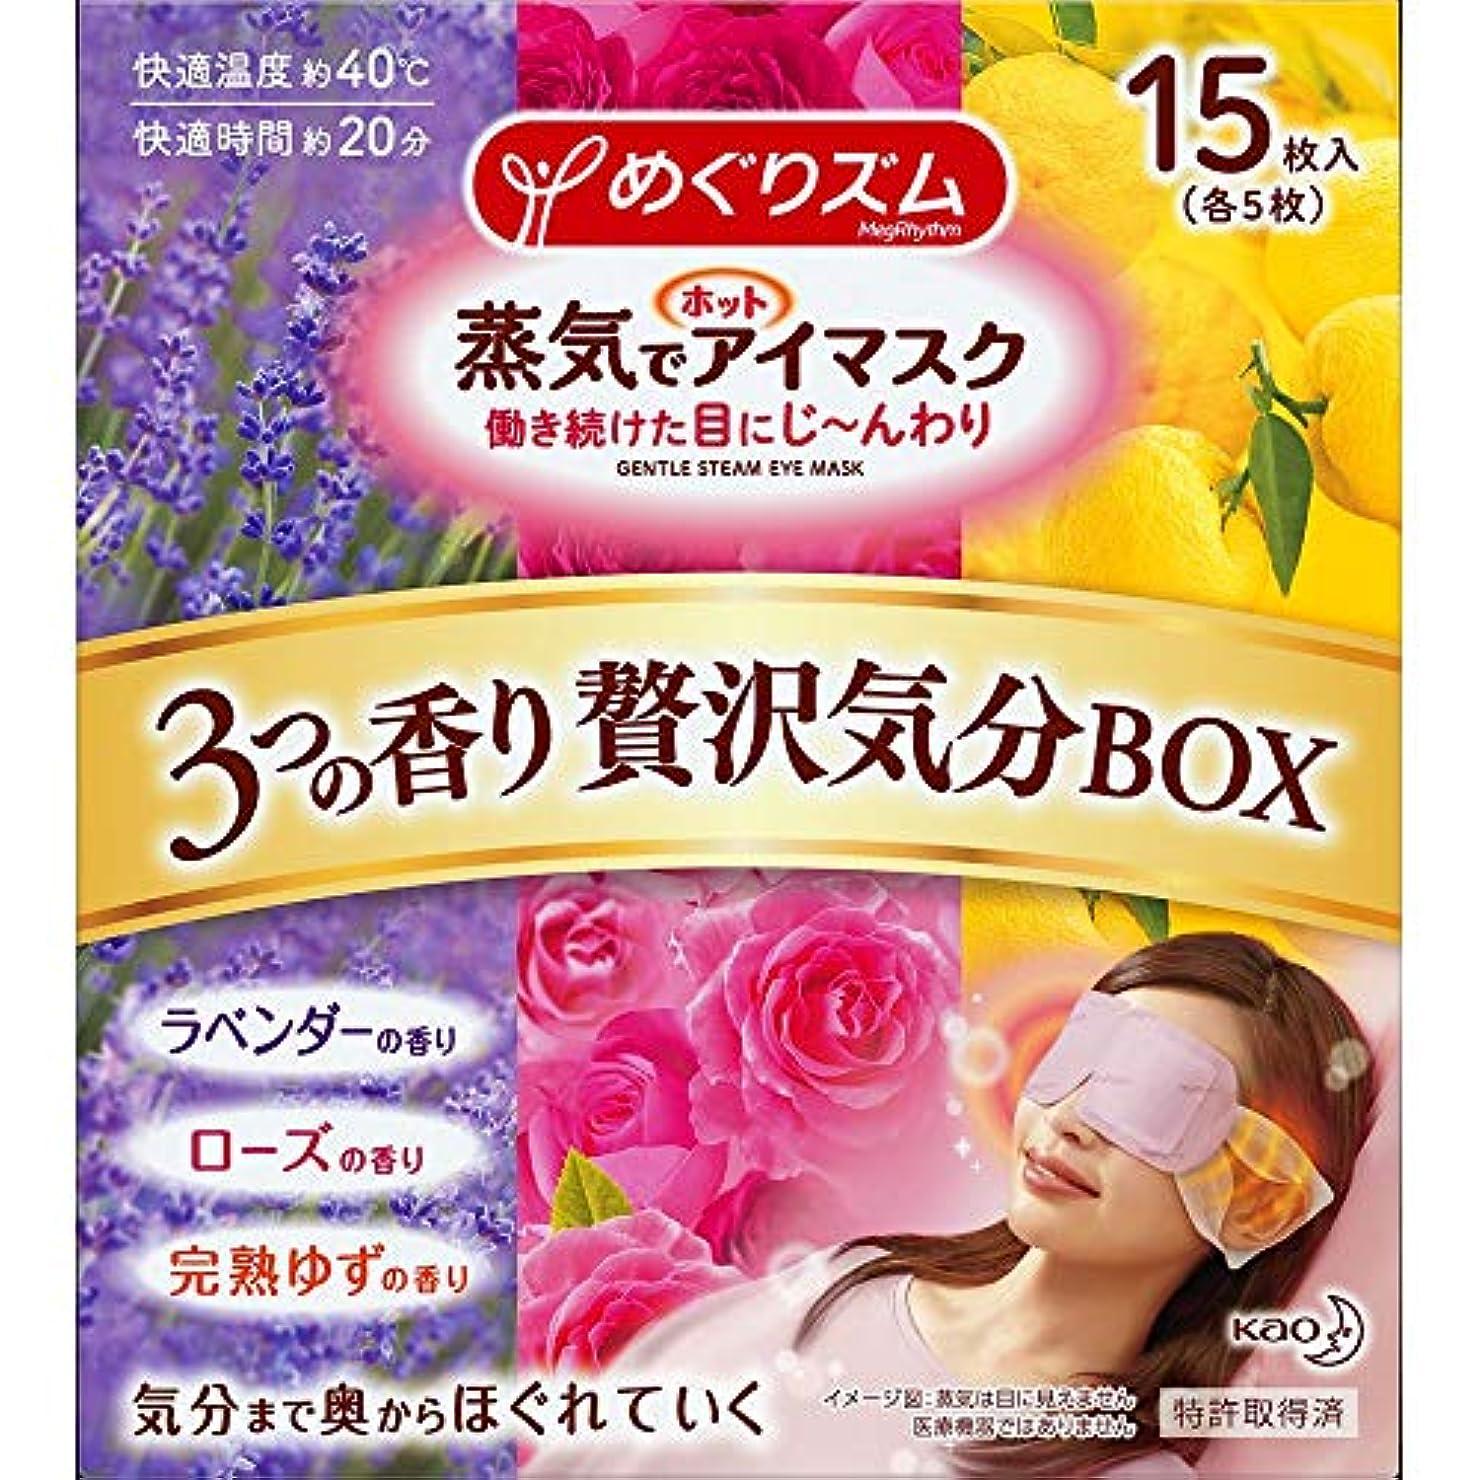 真実に毛皮承知しました【数量限定】めぐりズム 蒸気でホットアイマスク アソートBOX(ラベンダーの香り、完熟ゆずの香り、ローズの香り各5枚) 15枚入